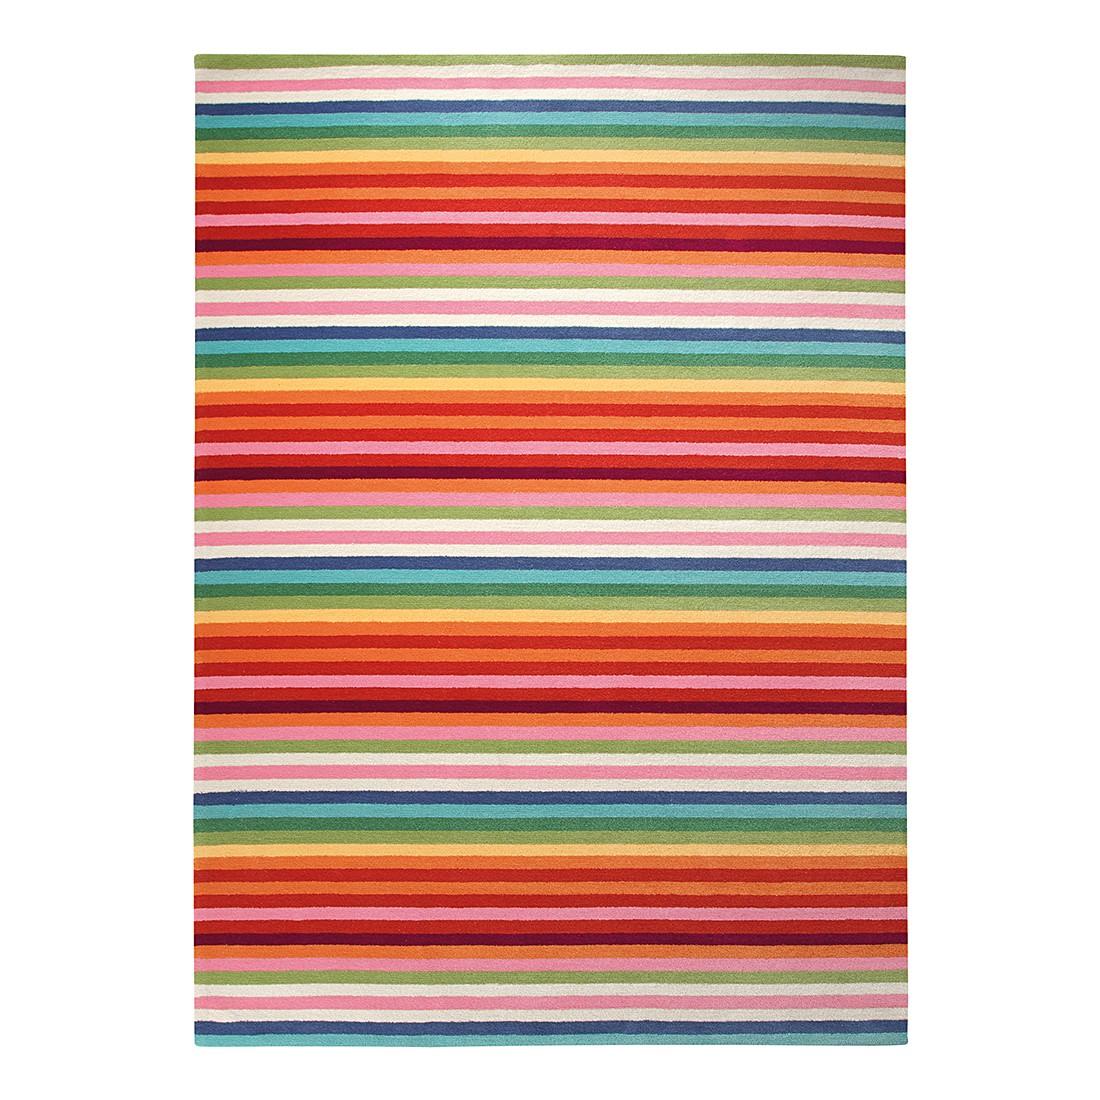 Kinderteppich Joy – Mehrfarbig – 140 cm x 200 cm, Esprit Home günstig bestellen